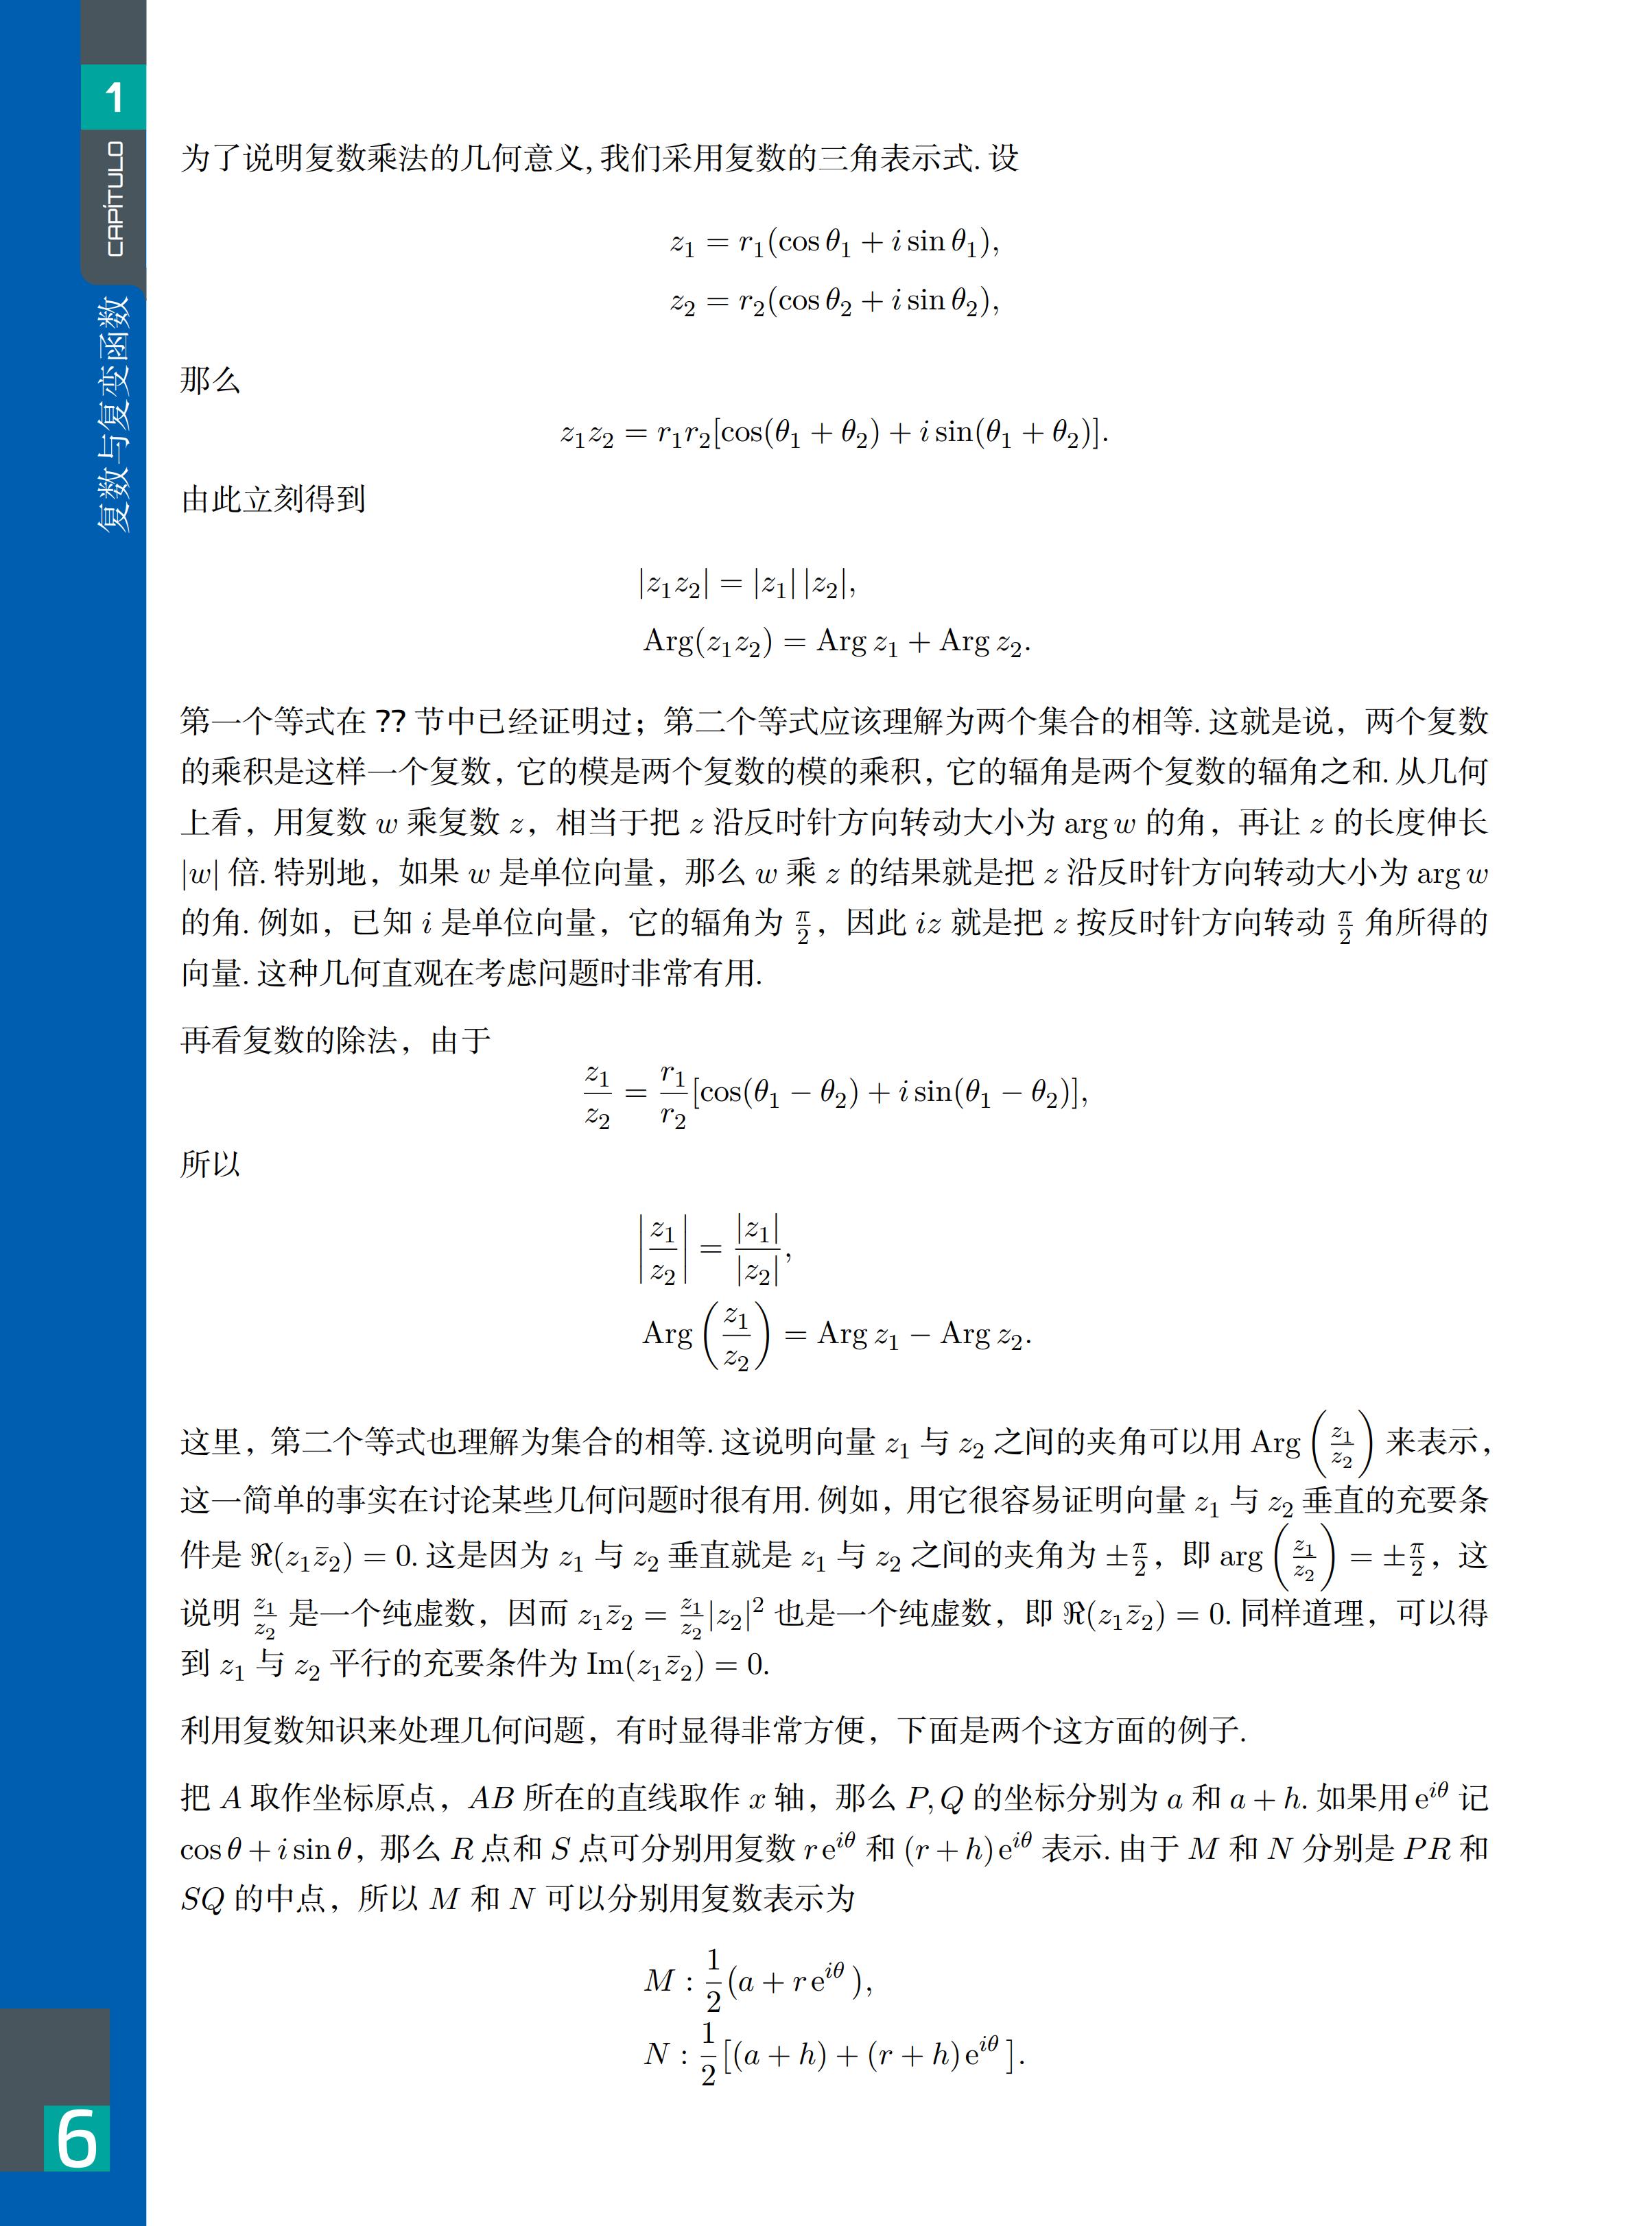 复变函数教材排版样式